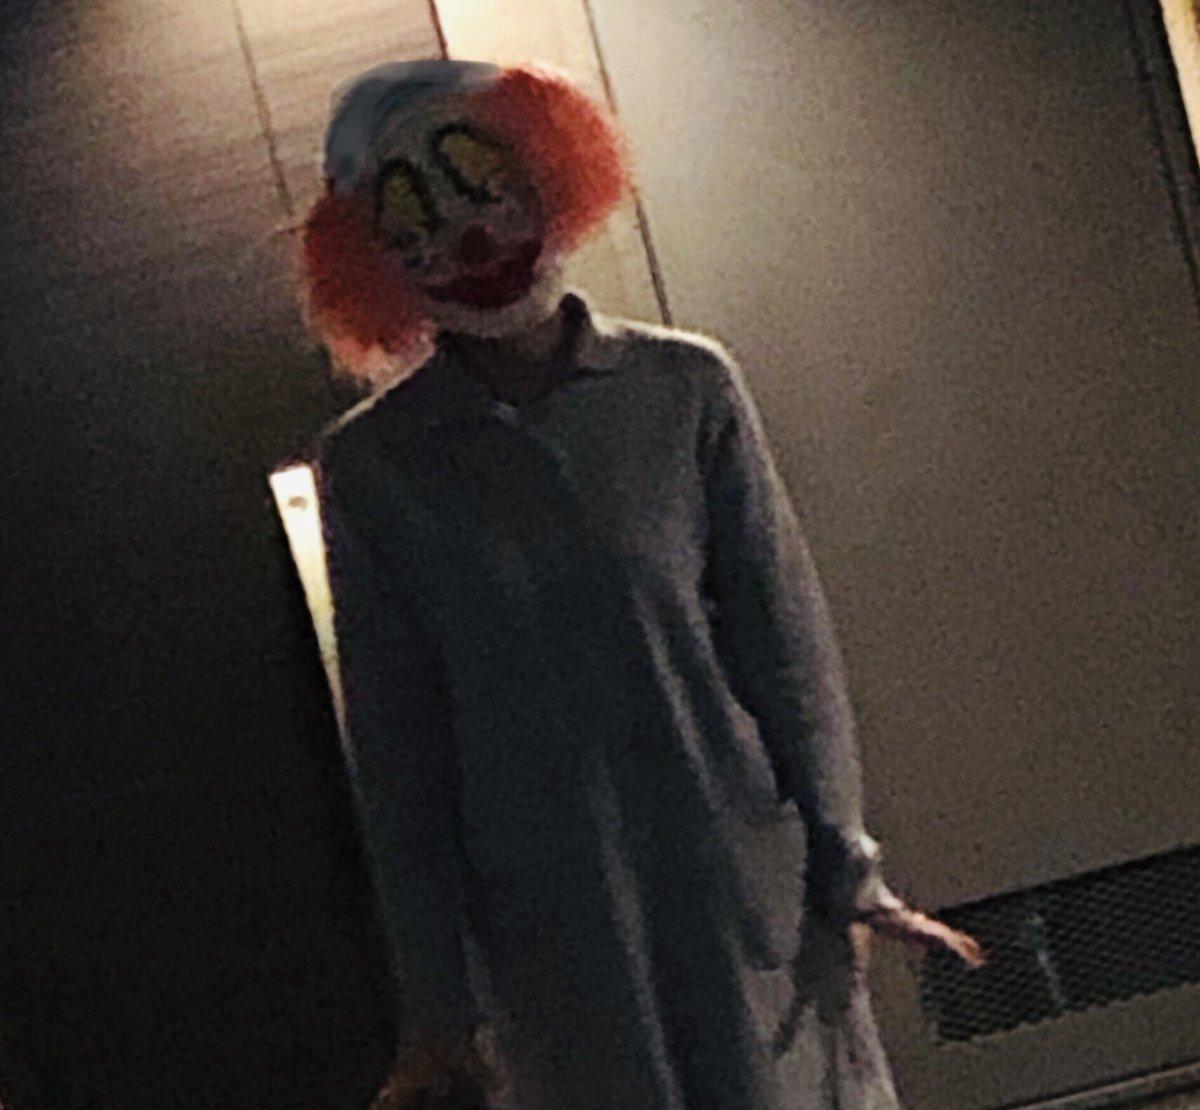 去年のハロウィンの母親の仮装なんですが、家帰ってきて廊下にこんなの立ってたら普通に死を覚悟しない?俺はしたよ。